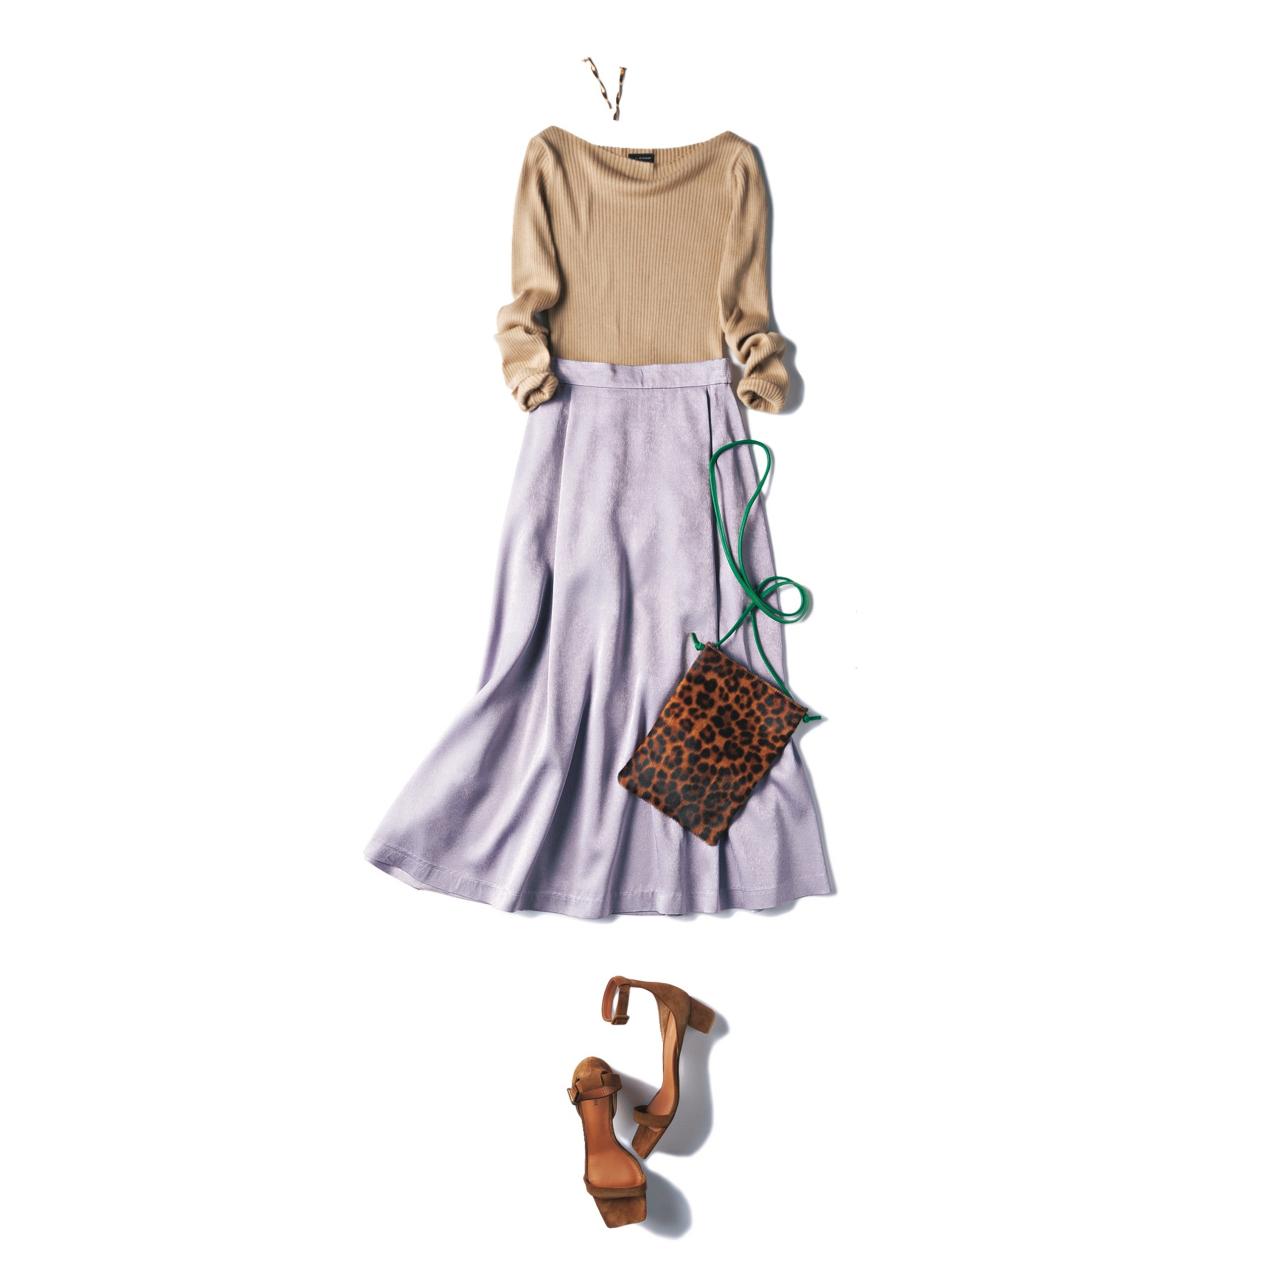 ベージュニット×ライラック色のスカートのファッションコーデ